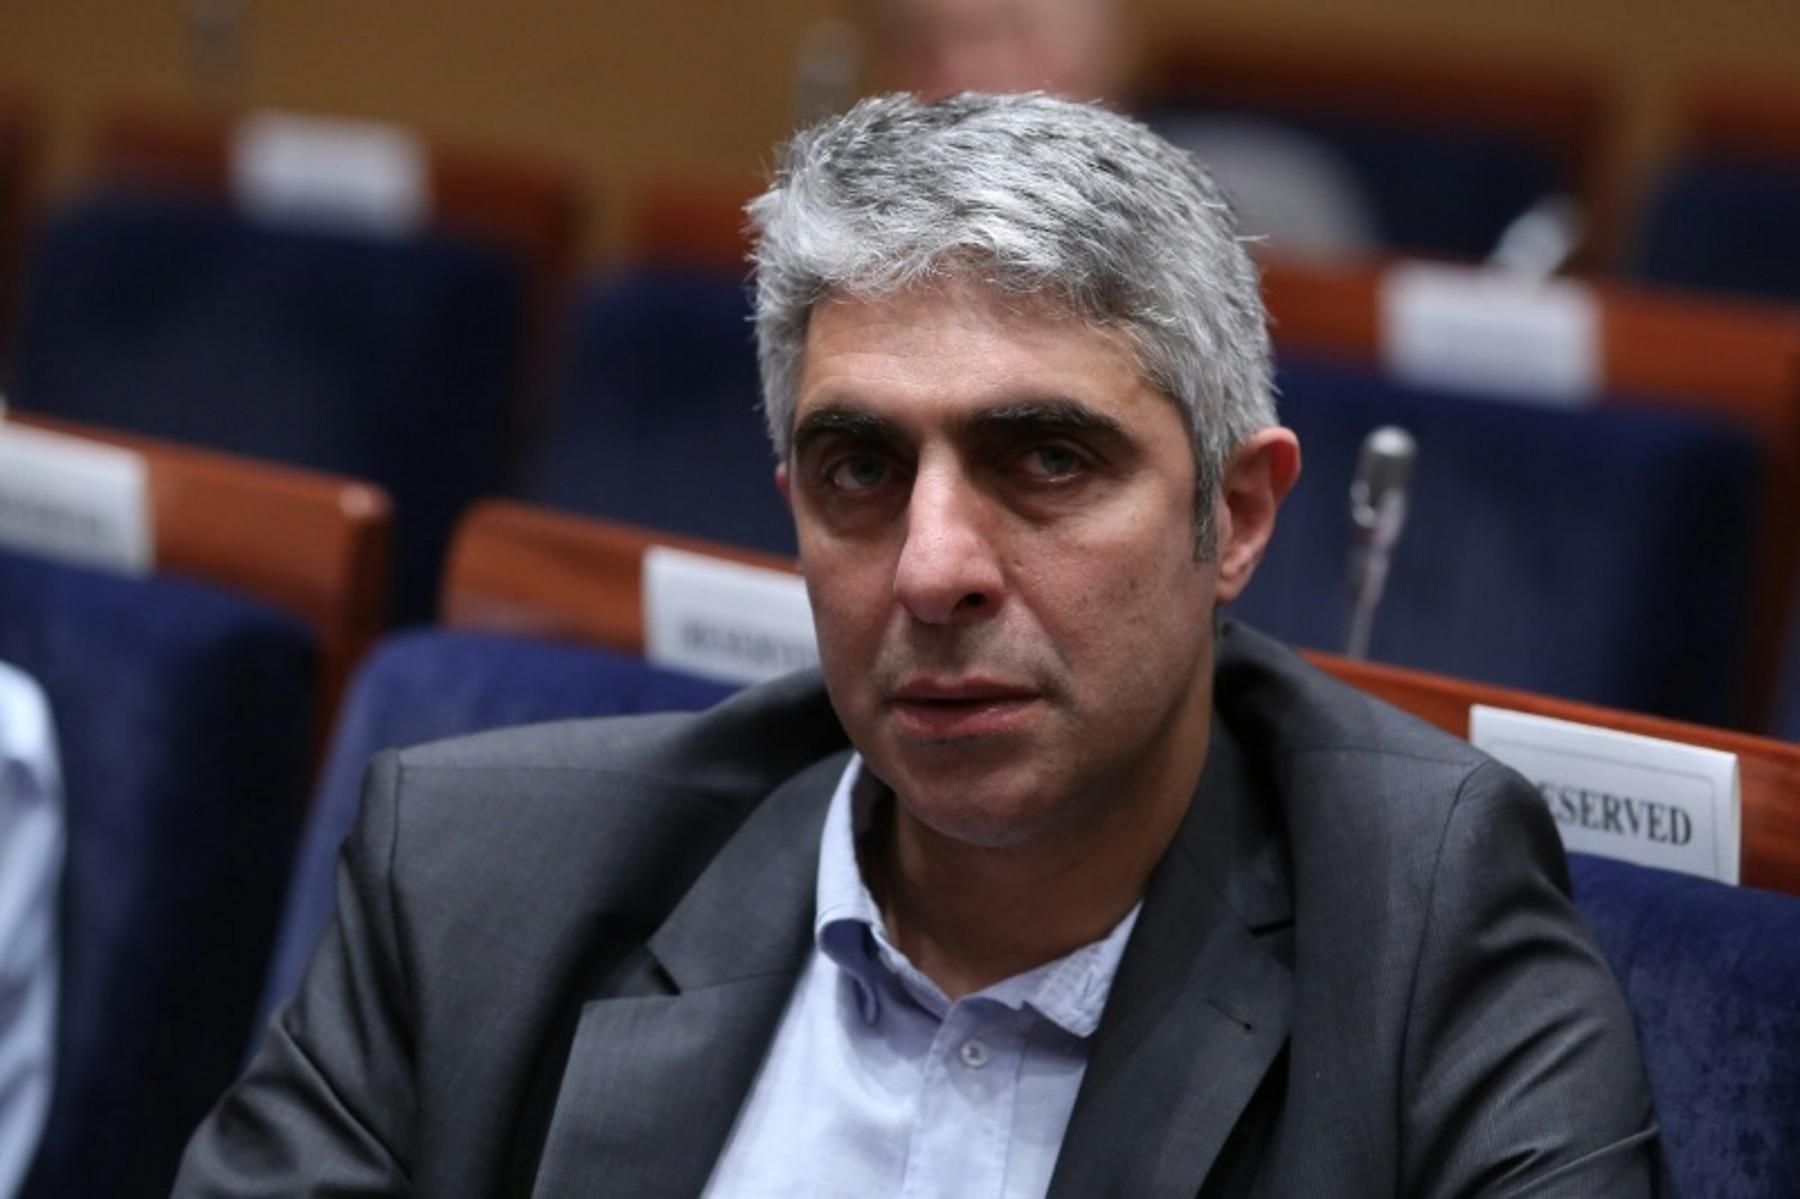 Γ. Τσίπρας: Καλύτερη του αναμενόμενου η Κοινή Διακήρυξη για τον αγωγό EastMed